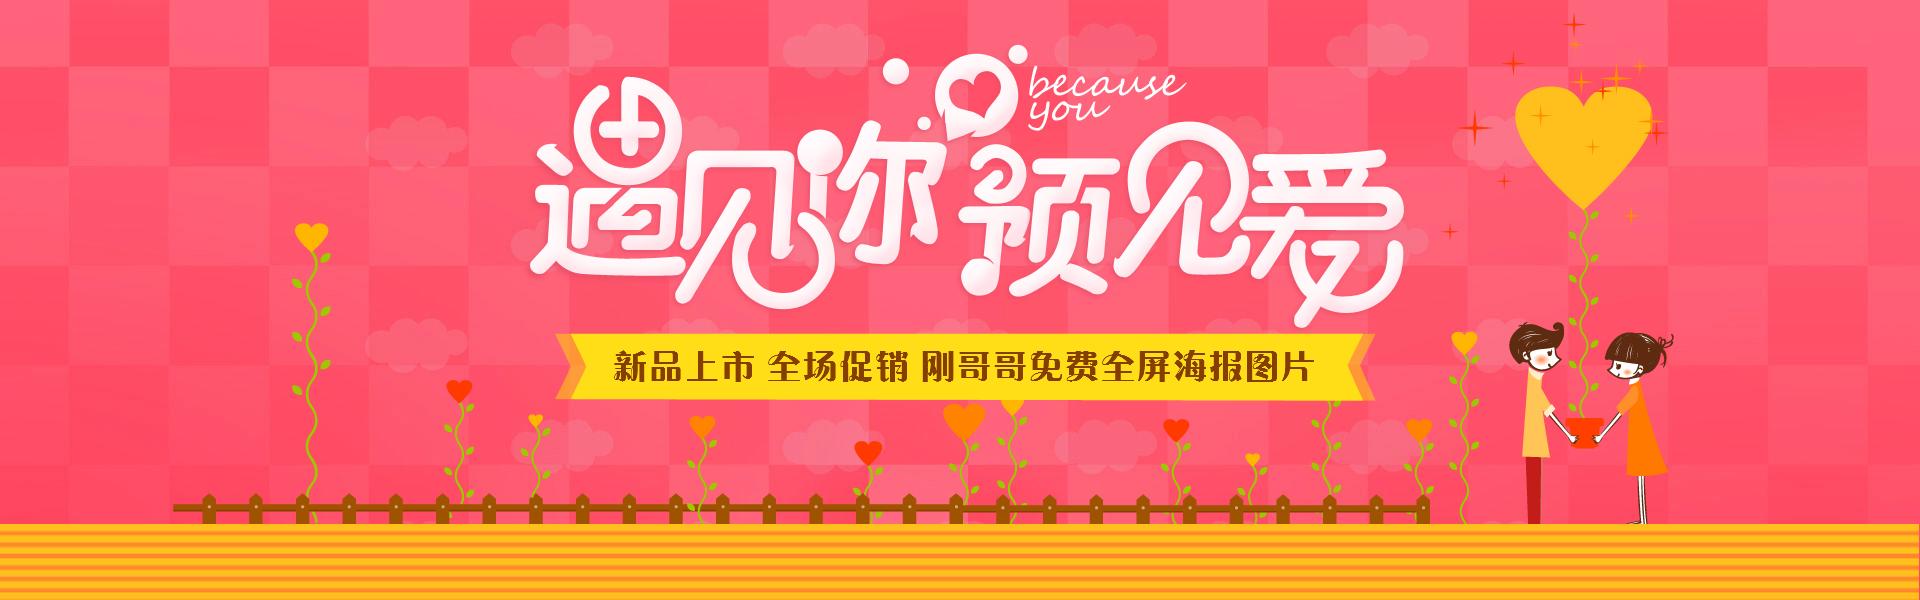 粉色浪漫卡通情侣遇见你预见爱新品上市全场促销淘宝店铺天猫旺铺装修全屏海报图片在线制作